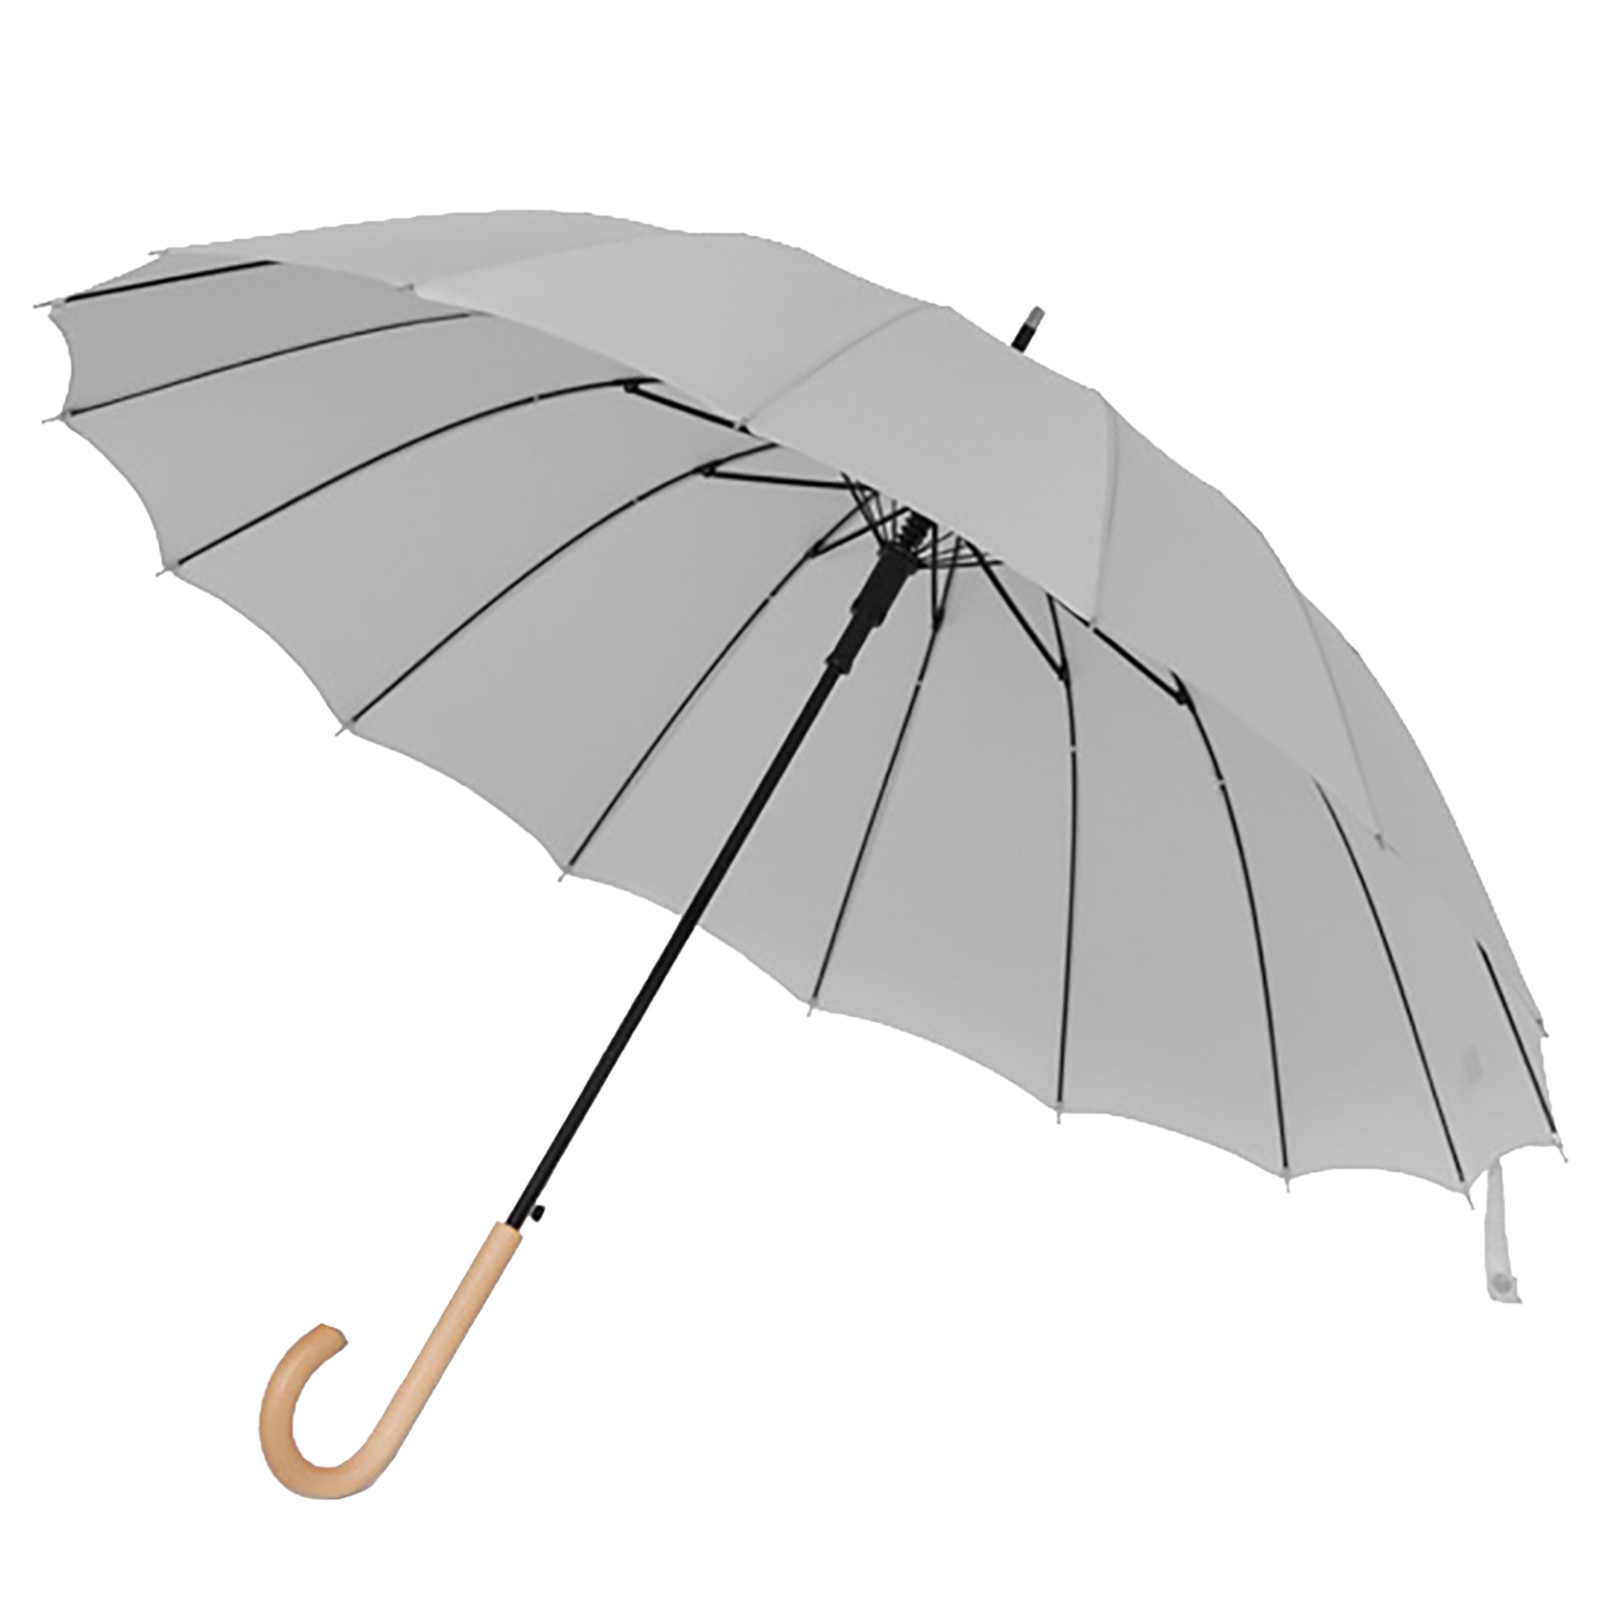 Большой зонт с деревянной ручкой, дождевой зонт для женщин, деловые зонты для гольфа, зонты для патио, уличный дизайнерский зонтик с защитой ...